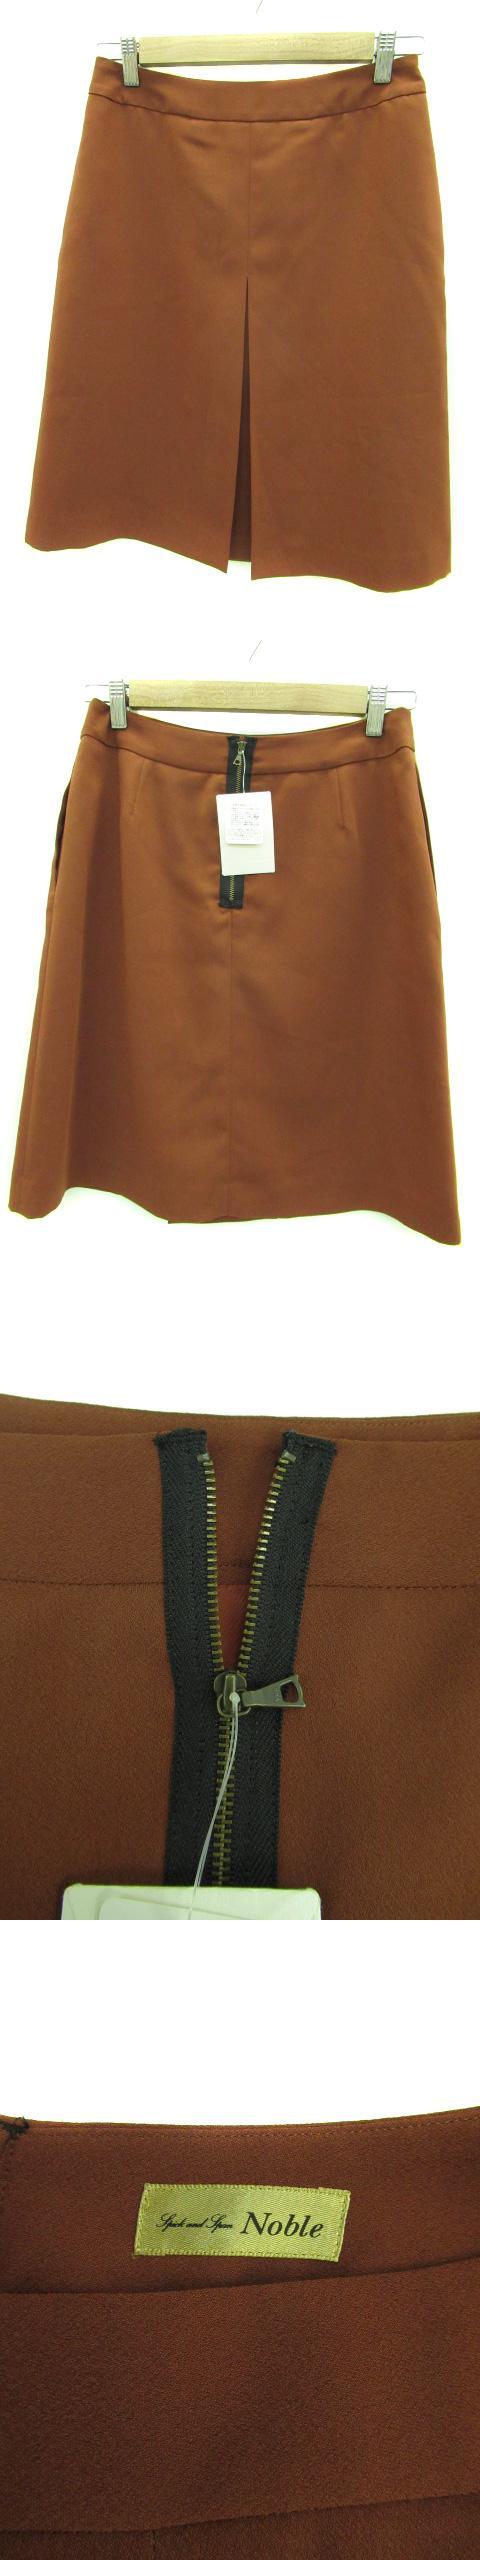 スカート フレア ひざ丈 40 レッドブラウン /NM27